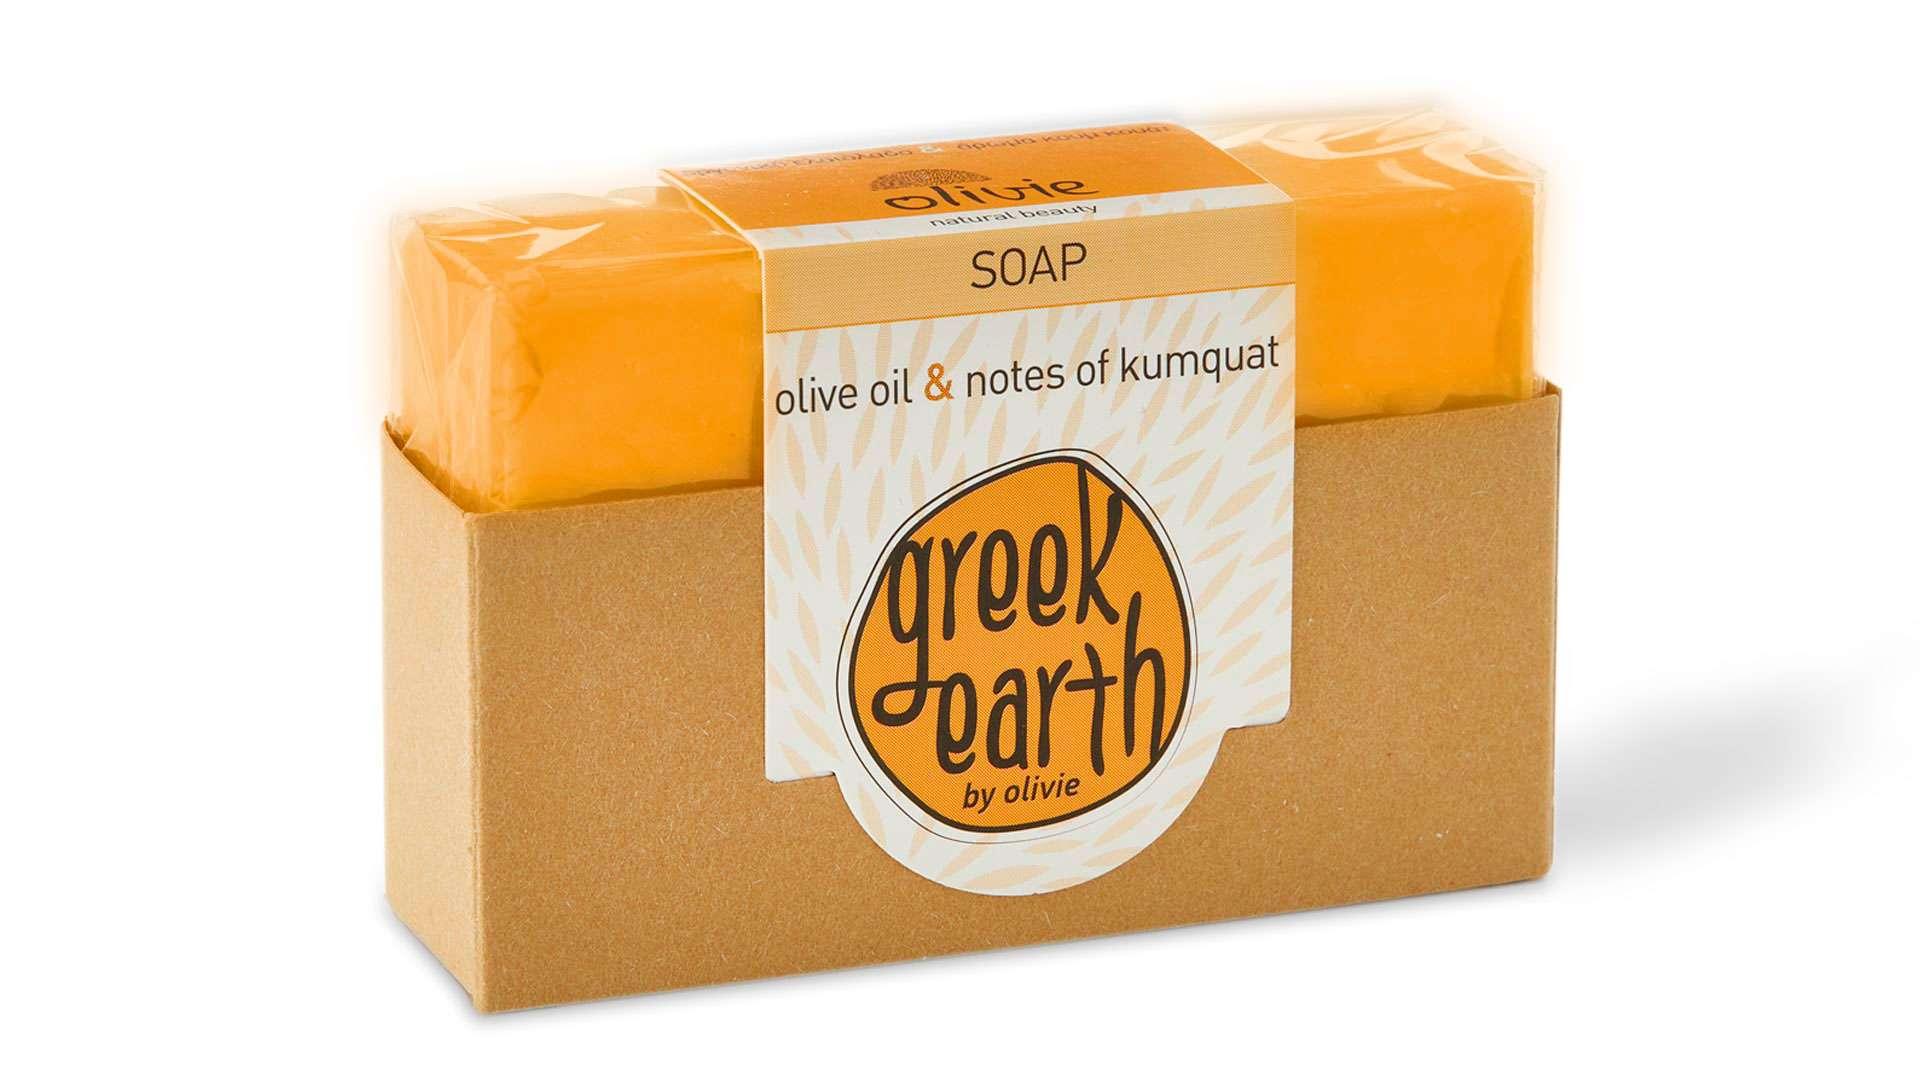 ORANGE GREEK EARTH SOAP